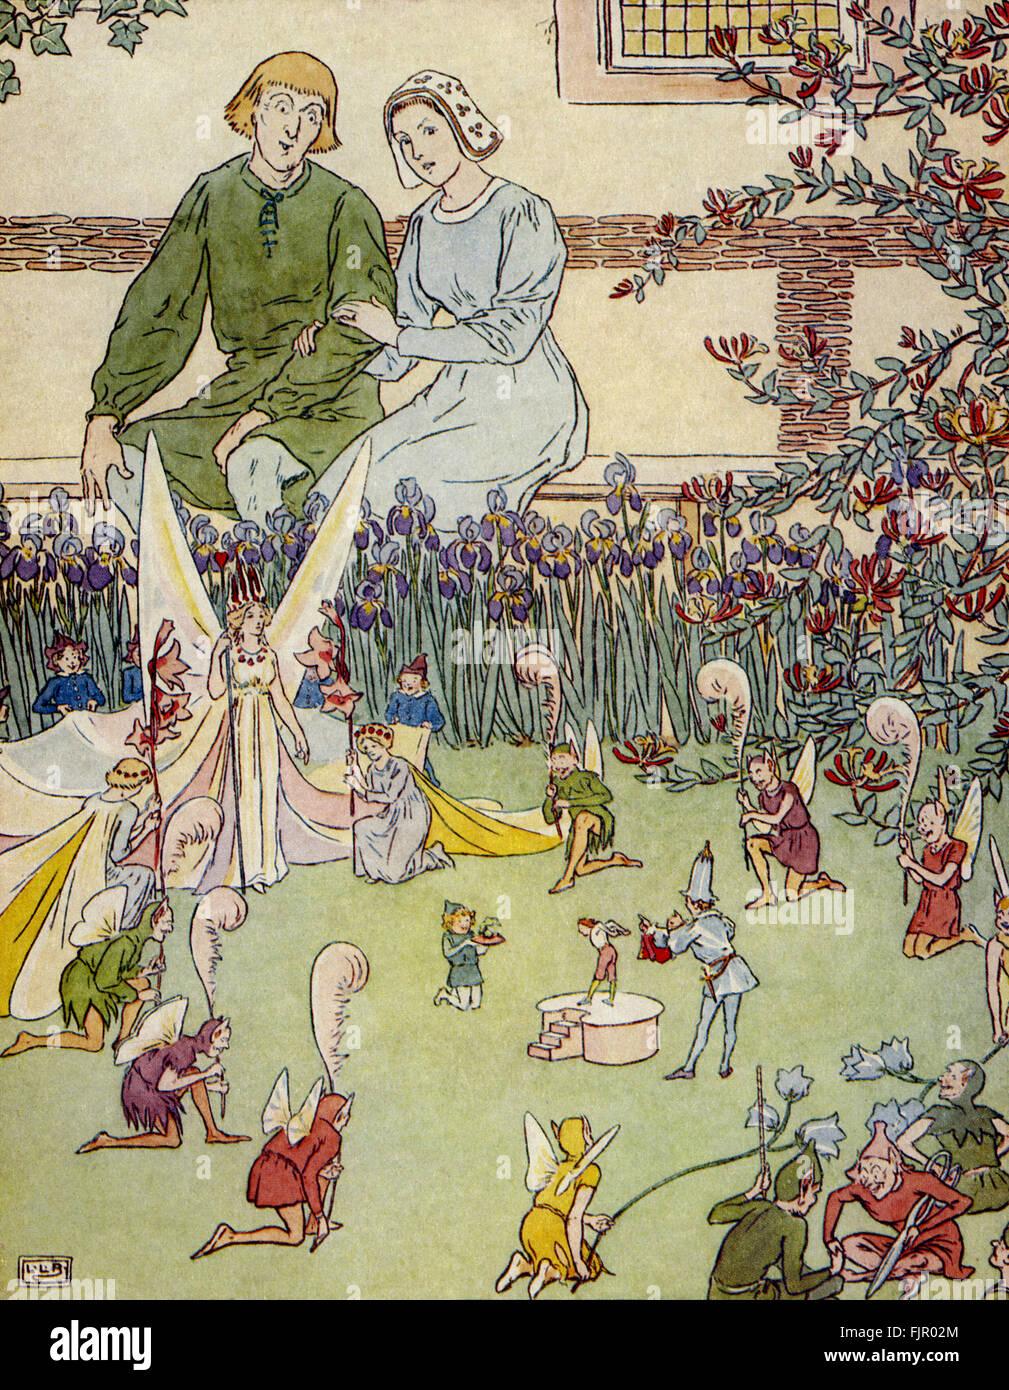 Tom Thumb, il Fairy Queen e gli elfi dare vestiti di Tom Thumb, dal Golden Goose Prenota, 1905, illustrato da Leonard Immagini Stock